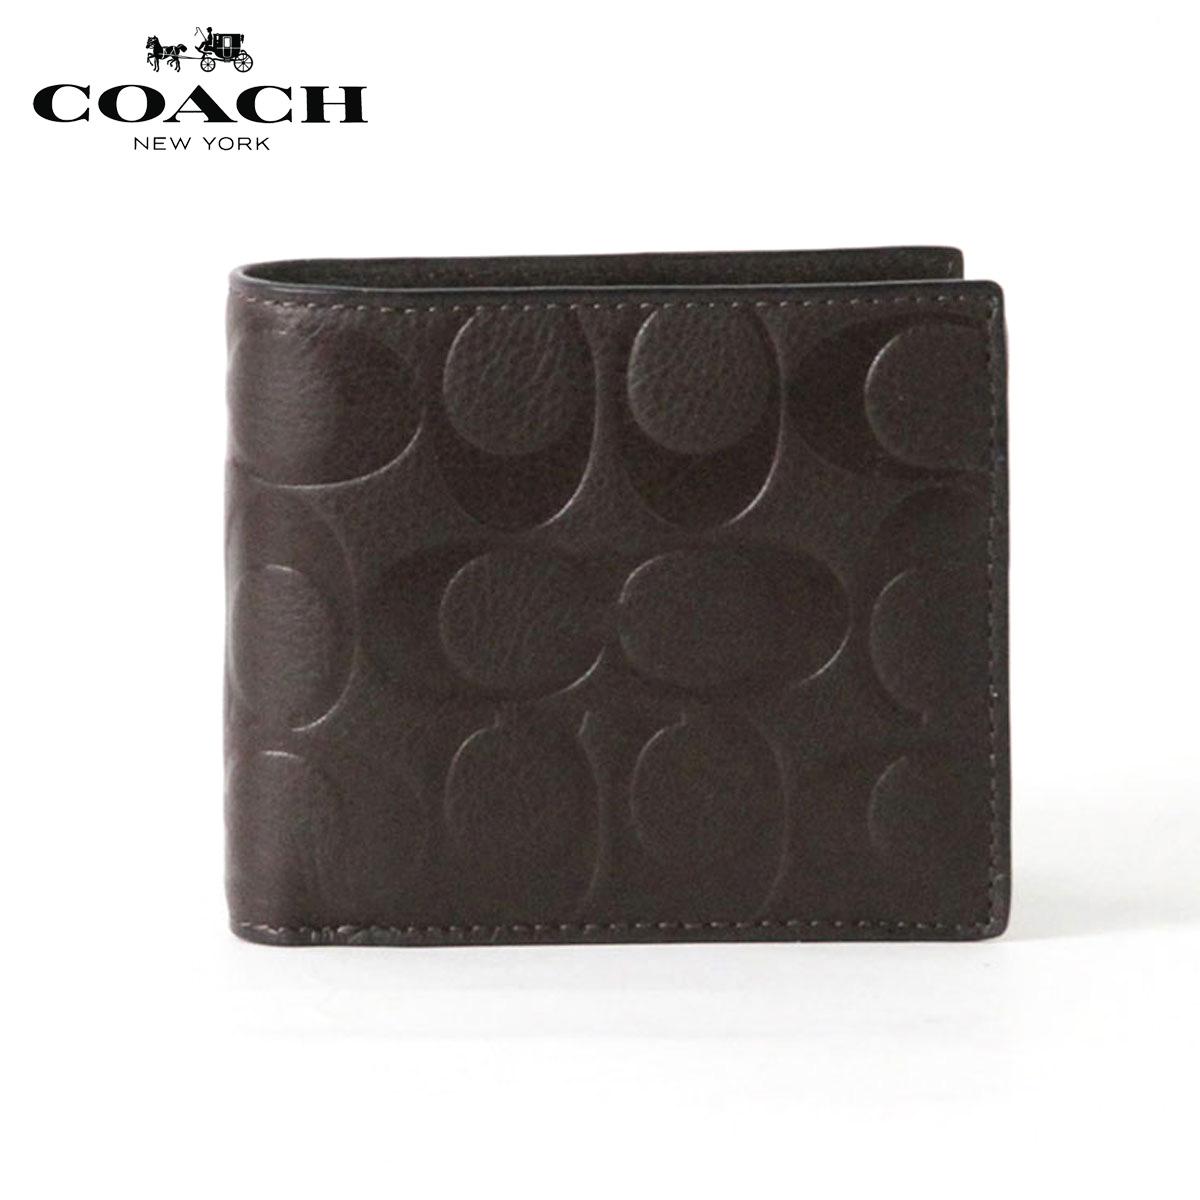 コーチ COACH 正規品 メンズ 財布 WALLET F74992 MAH 父の日